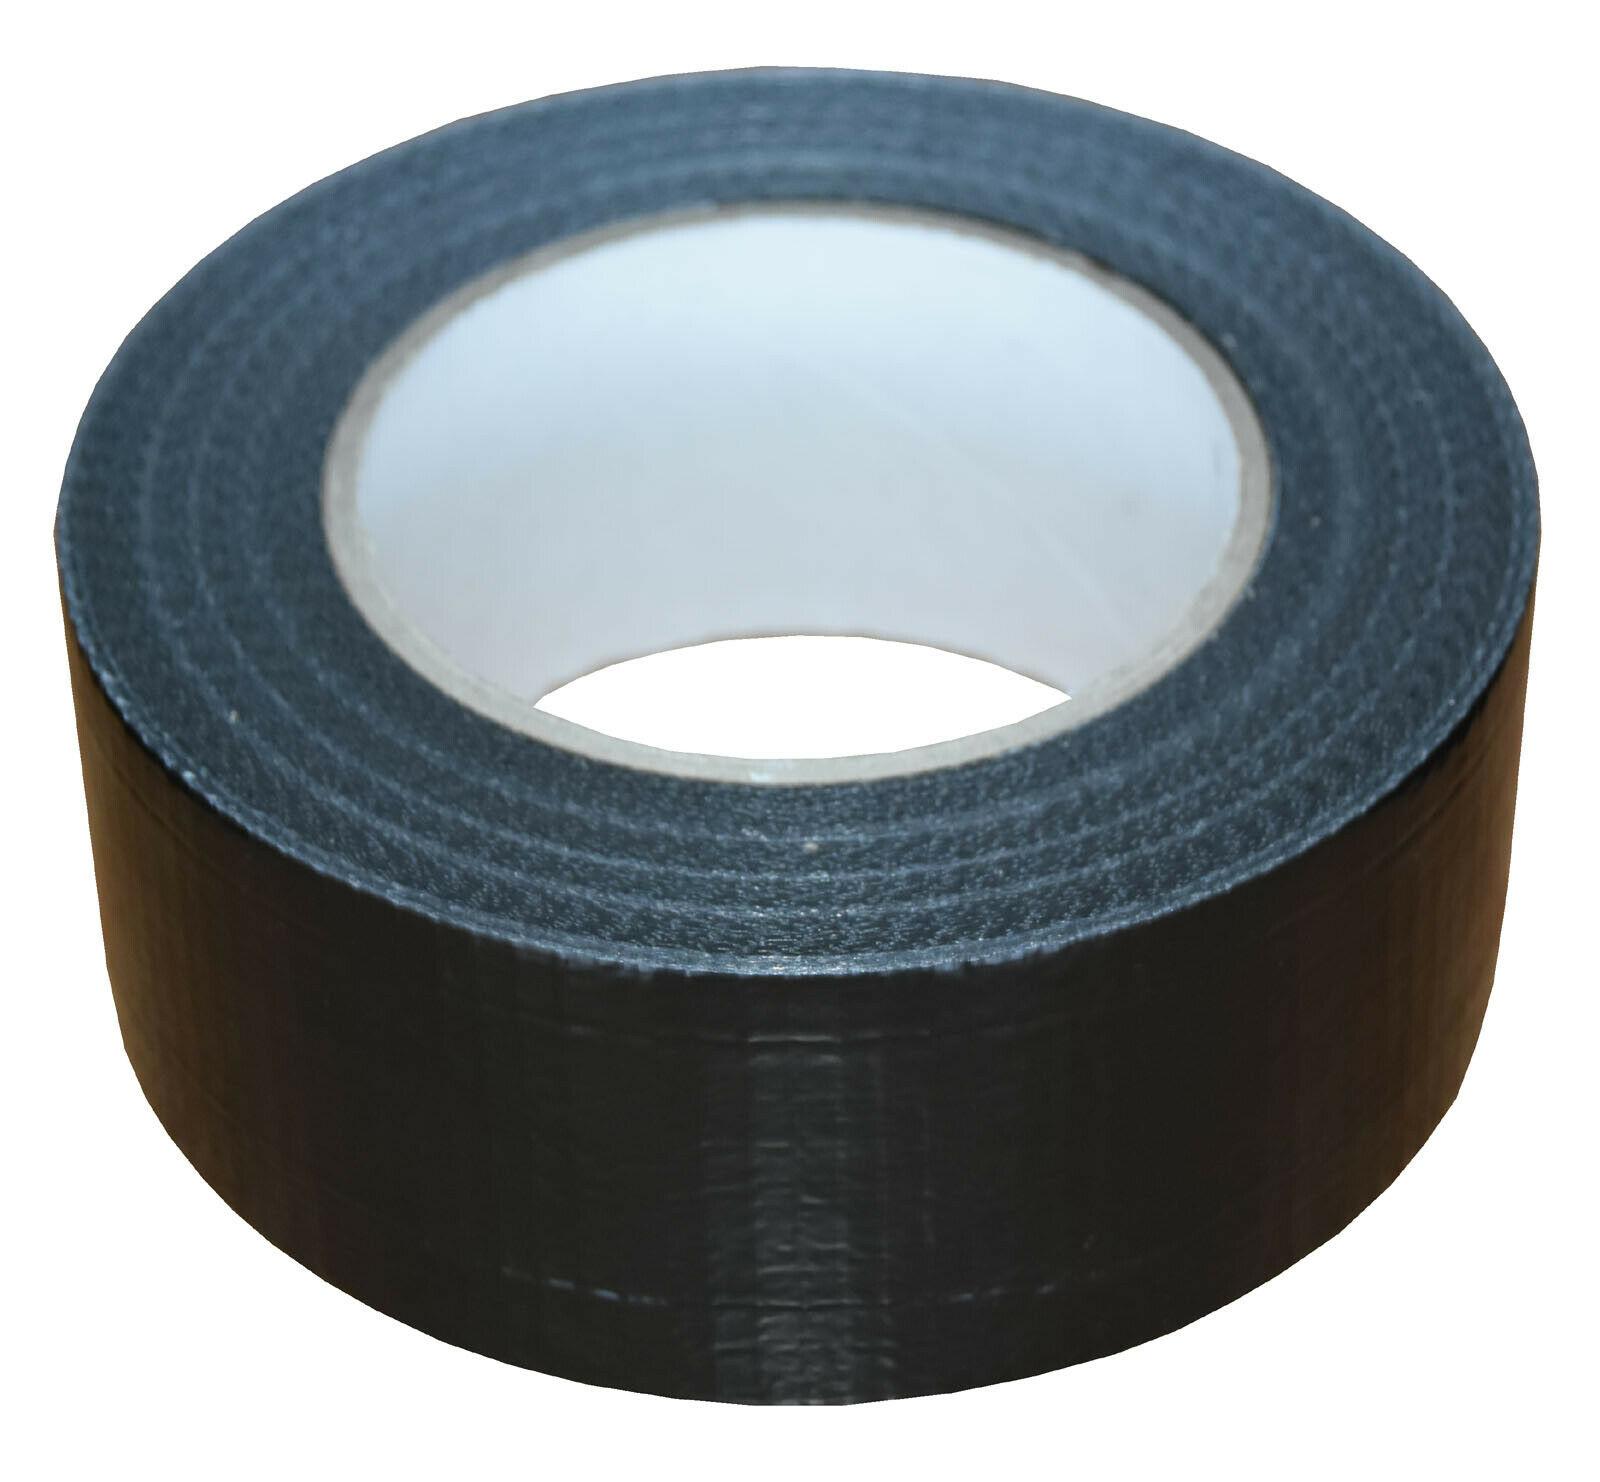 38mm x 50m Black Gaffer Tape Waterproof Duct Tape Qty 36 Rolls 143254402027 - 38mm x 50m Black Gaffer Tape Waterproof Duct Tape Qty 36 Rolls